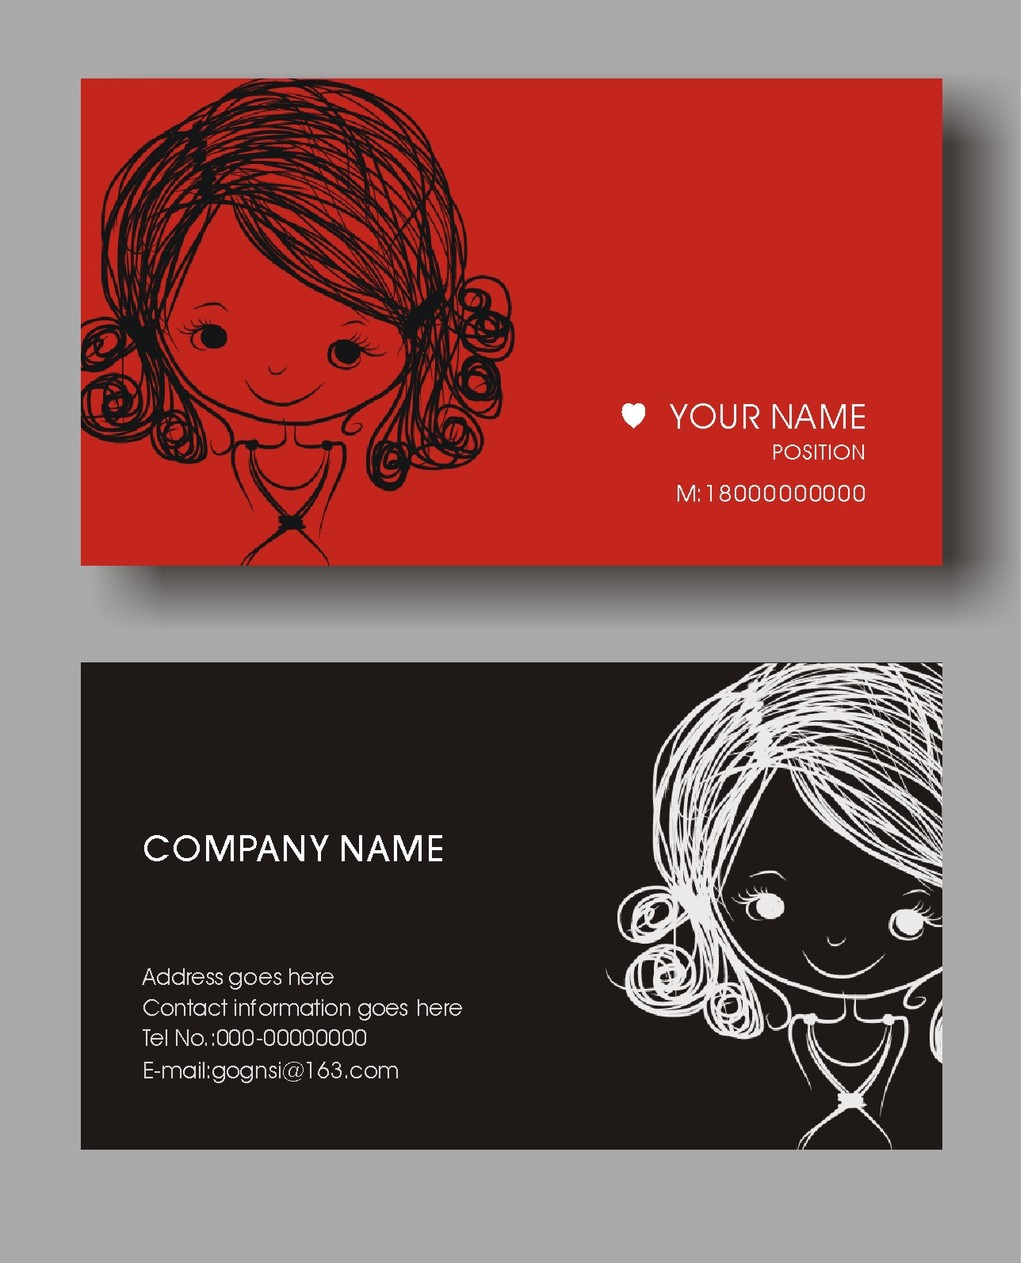 可爱手绘女孩名片设计模板下载图片下载 黑白配手绘女孩名片卡片设计